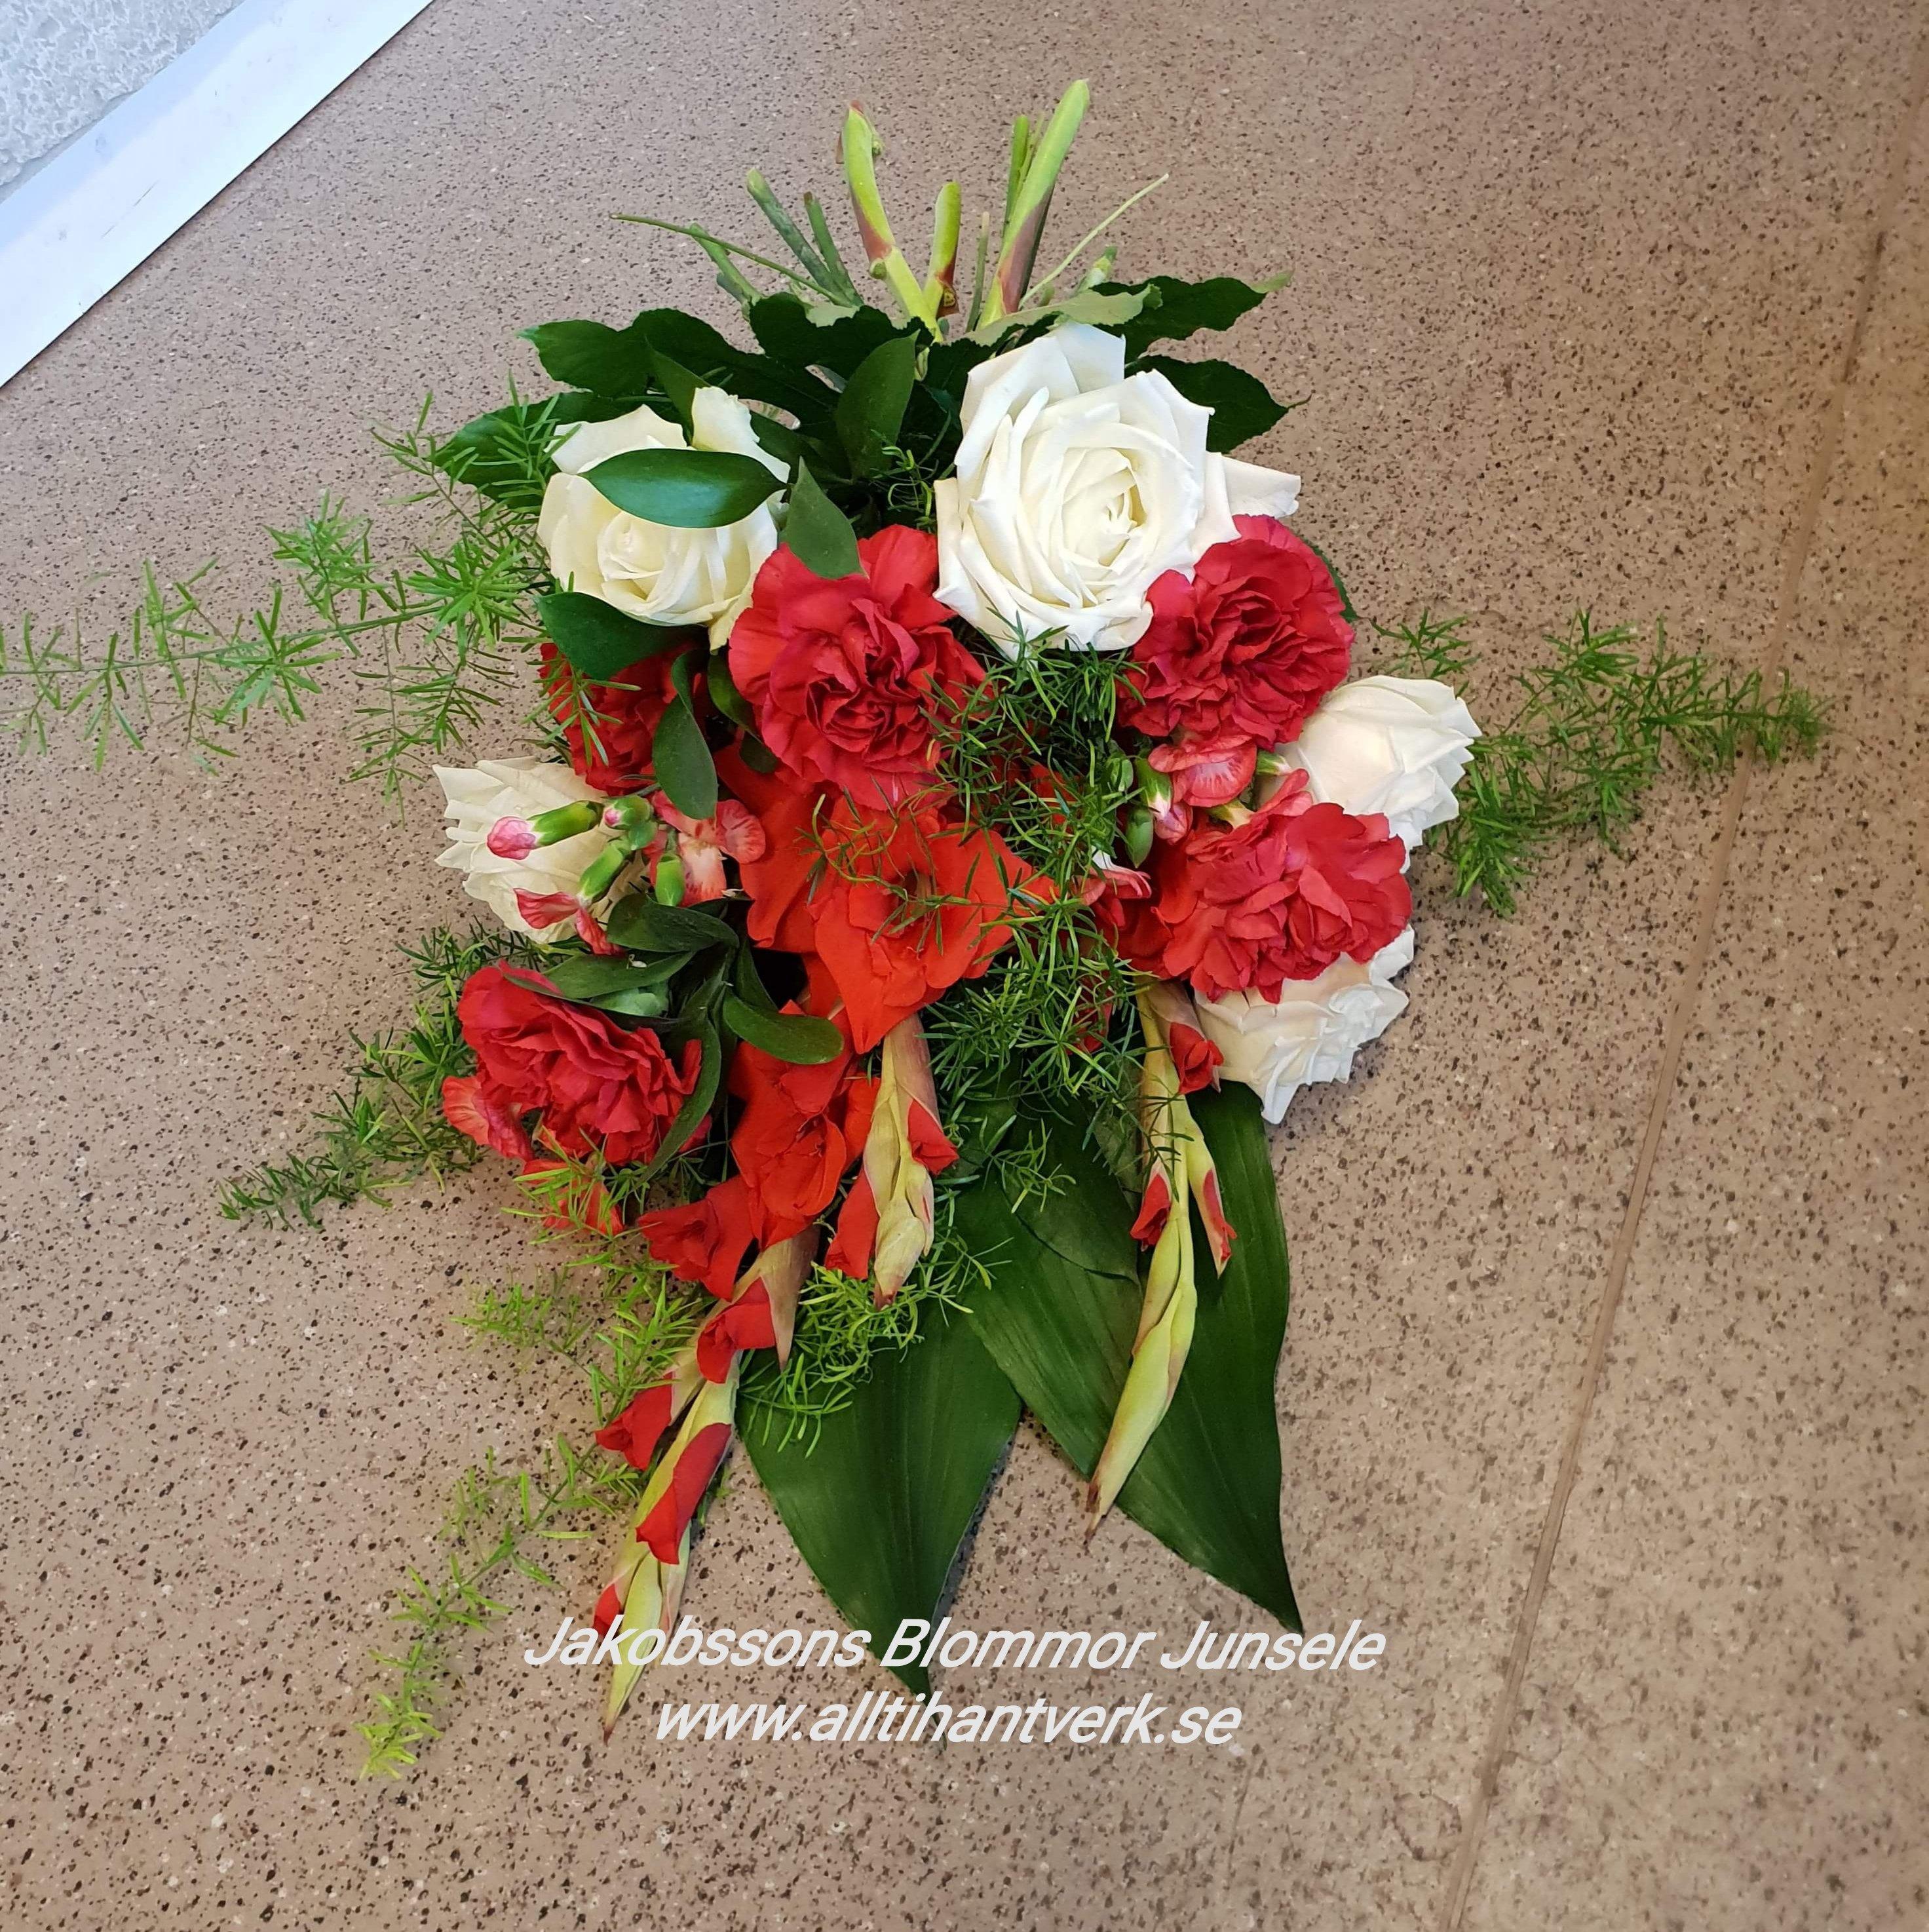 Sorgbukett junsele blomsterbutik